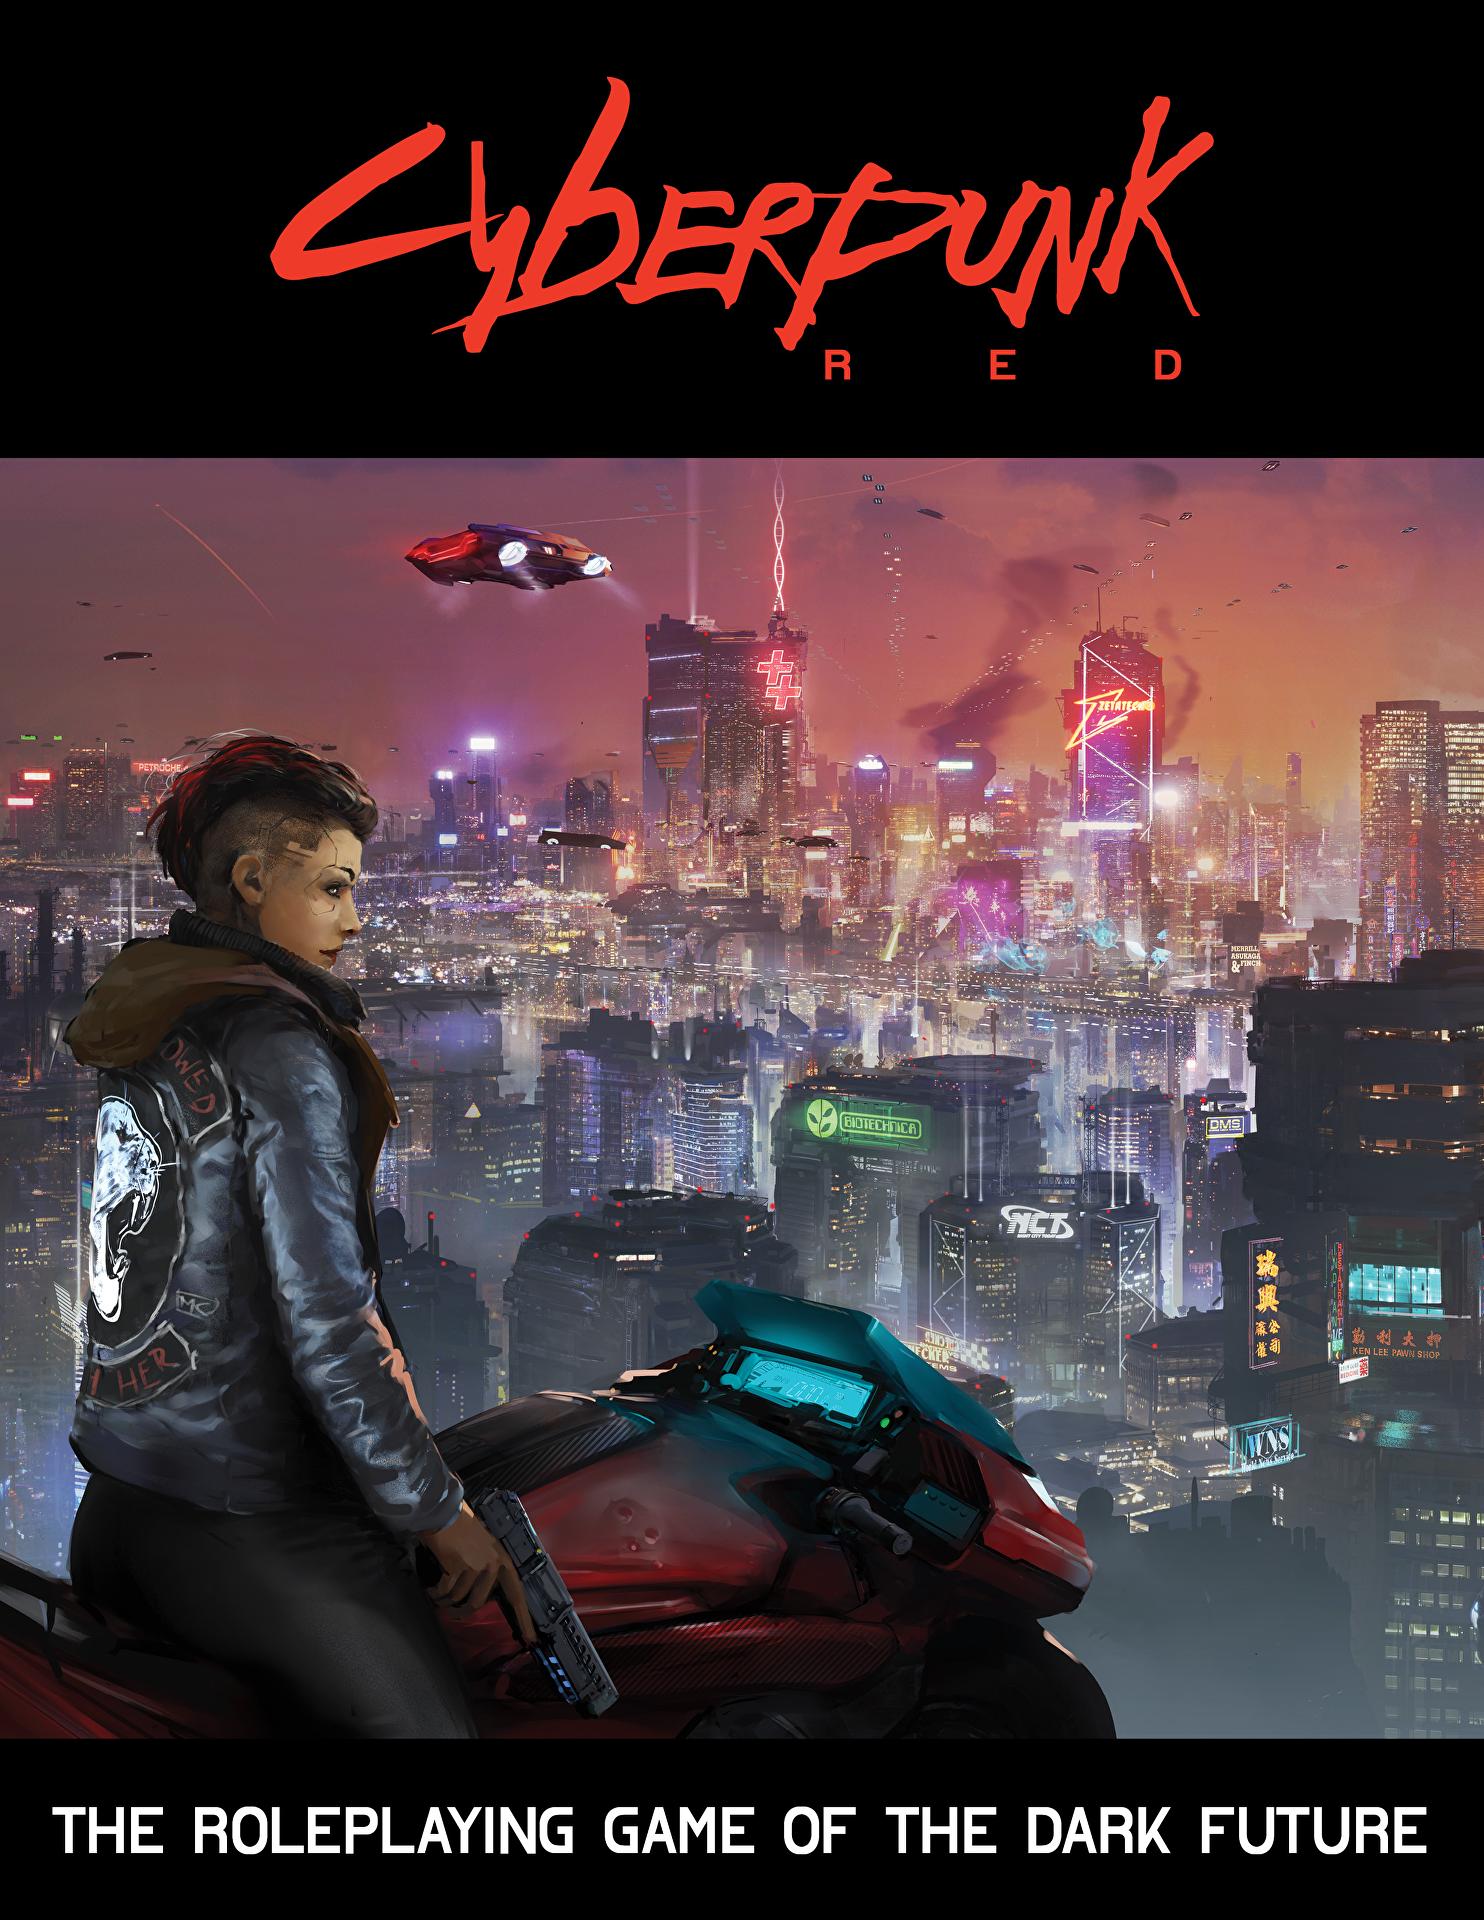 Cyberpunk Red Cover Kazuliski in 2020 Cyberpunk 2077